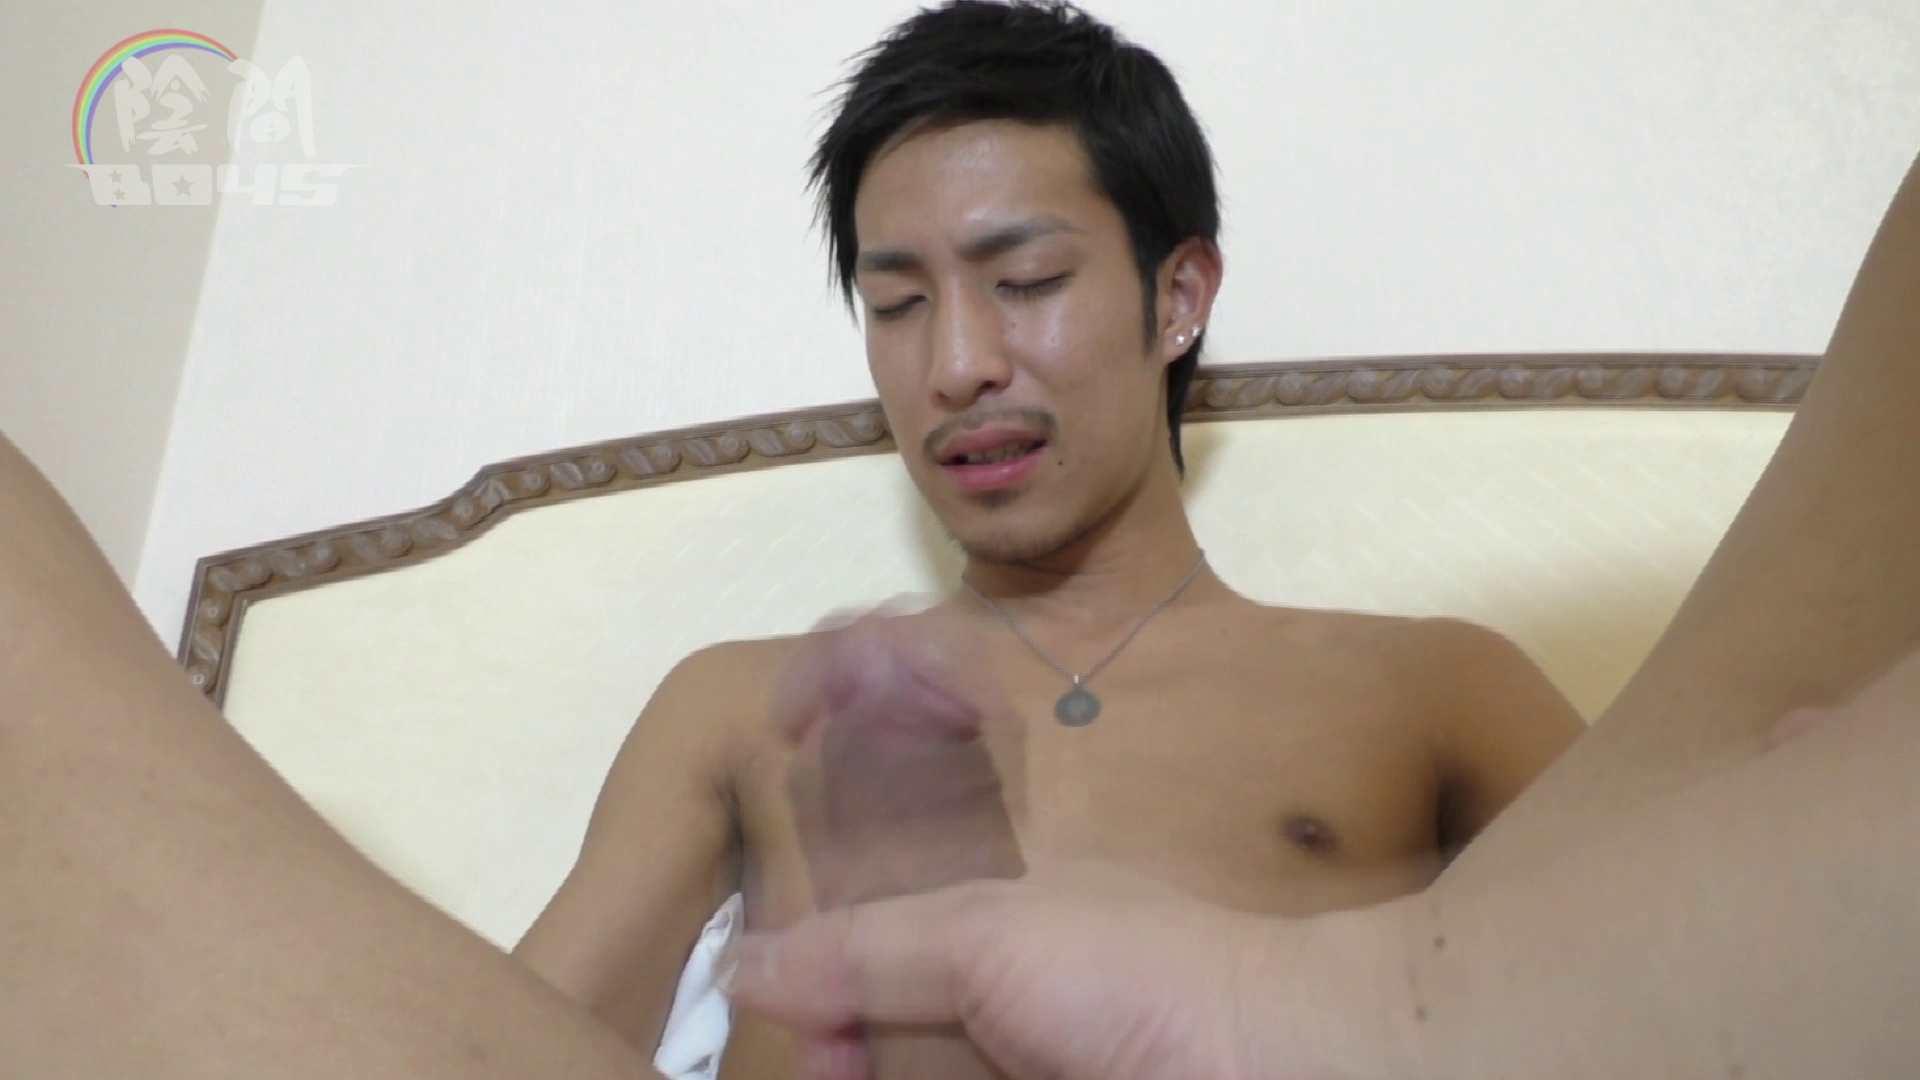 陰間BOYS~「アナルだけは許して…2」~04 男のゲイ天国 ゲイアダルト画像 6枚 2